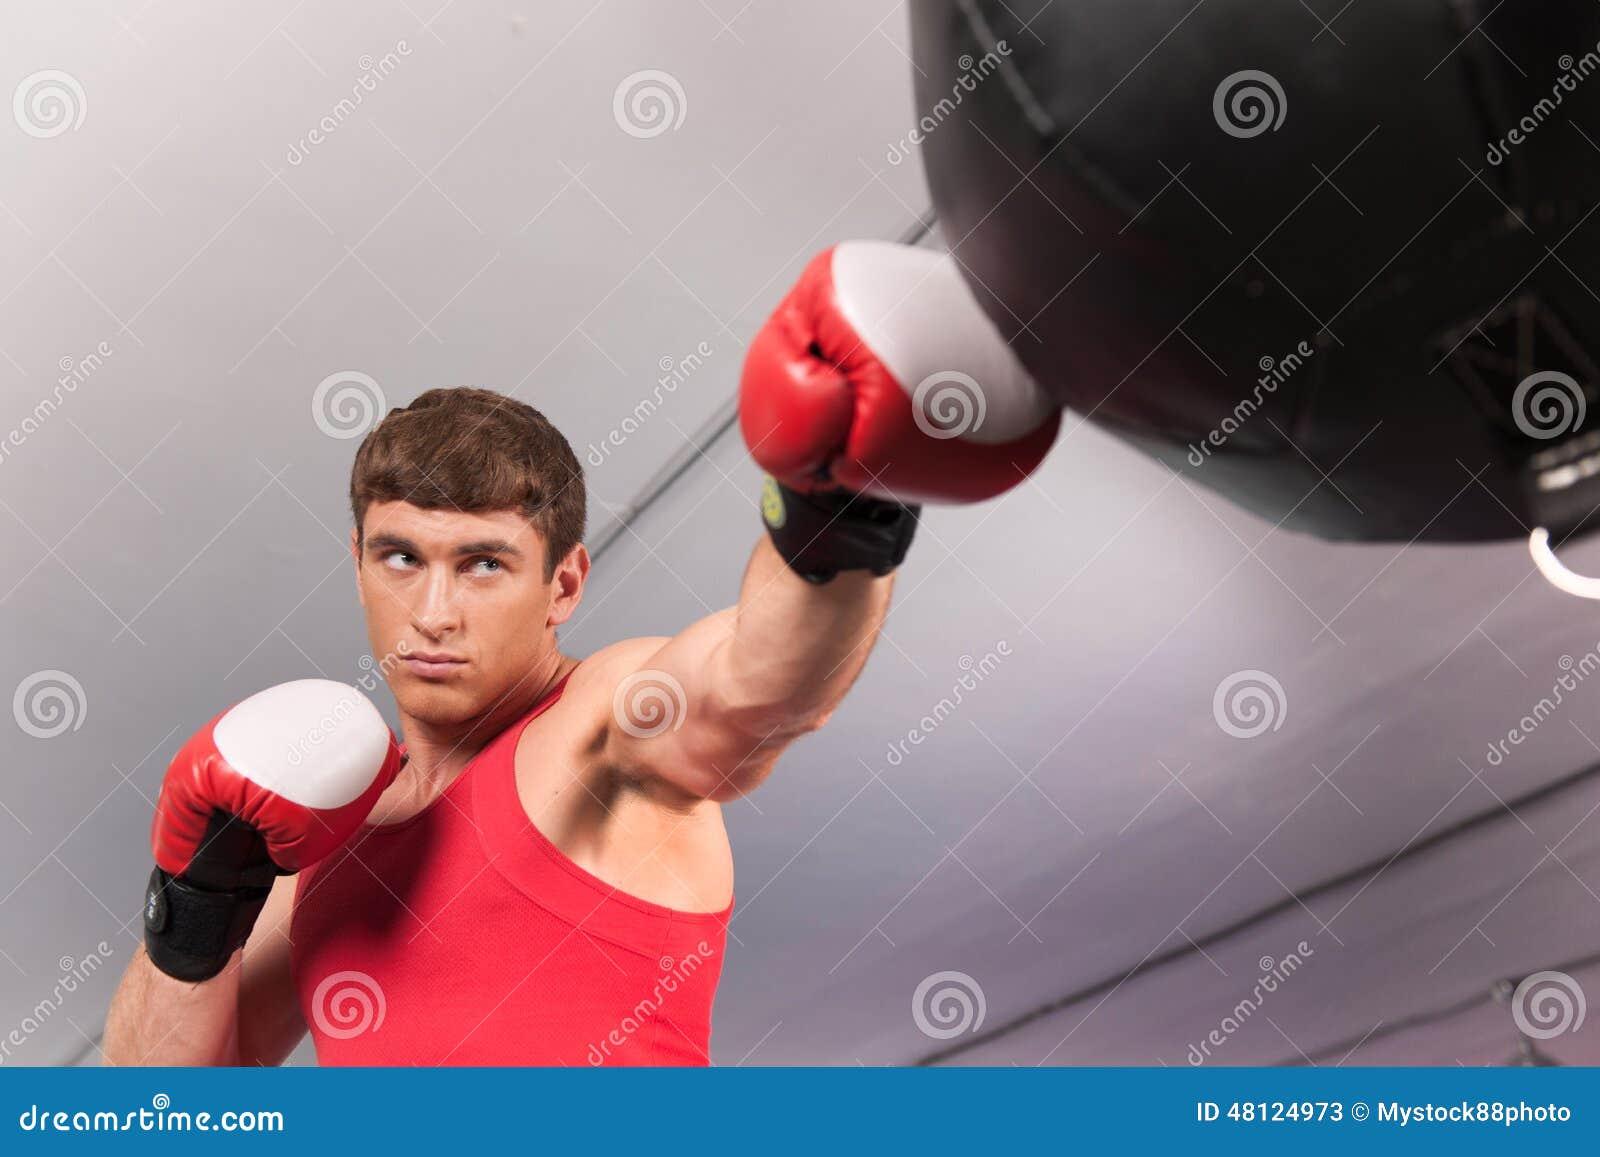 Боксер делая некоторую тренировку на груше на спортзале